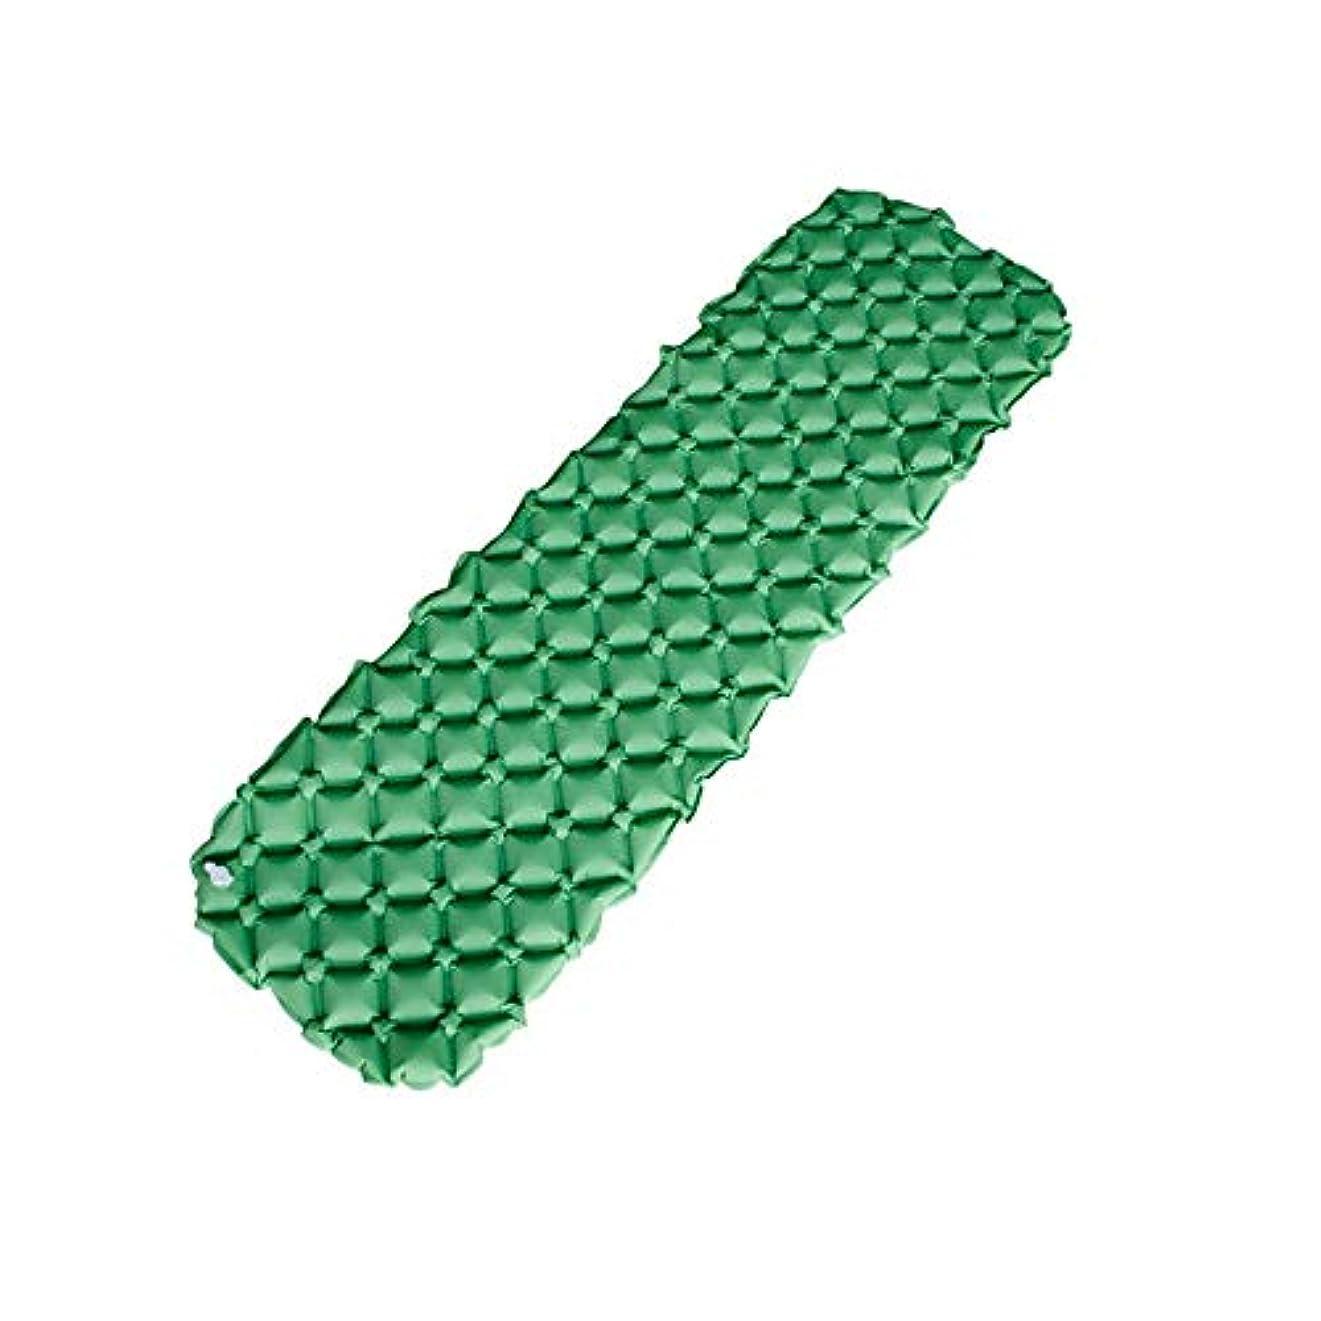 スリーブ驚いた露出度の高いOkiiting 折りたたみ式エアマットレスポータブルスリーピングパッド超軽量デザイン膨張しやすいナイロン耐久性のあるスリーピングパッド品質保証 うまく設計された (色 : 緑, サイズ : 90*55cm)